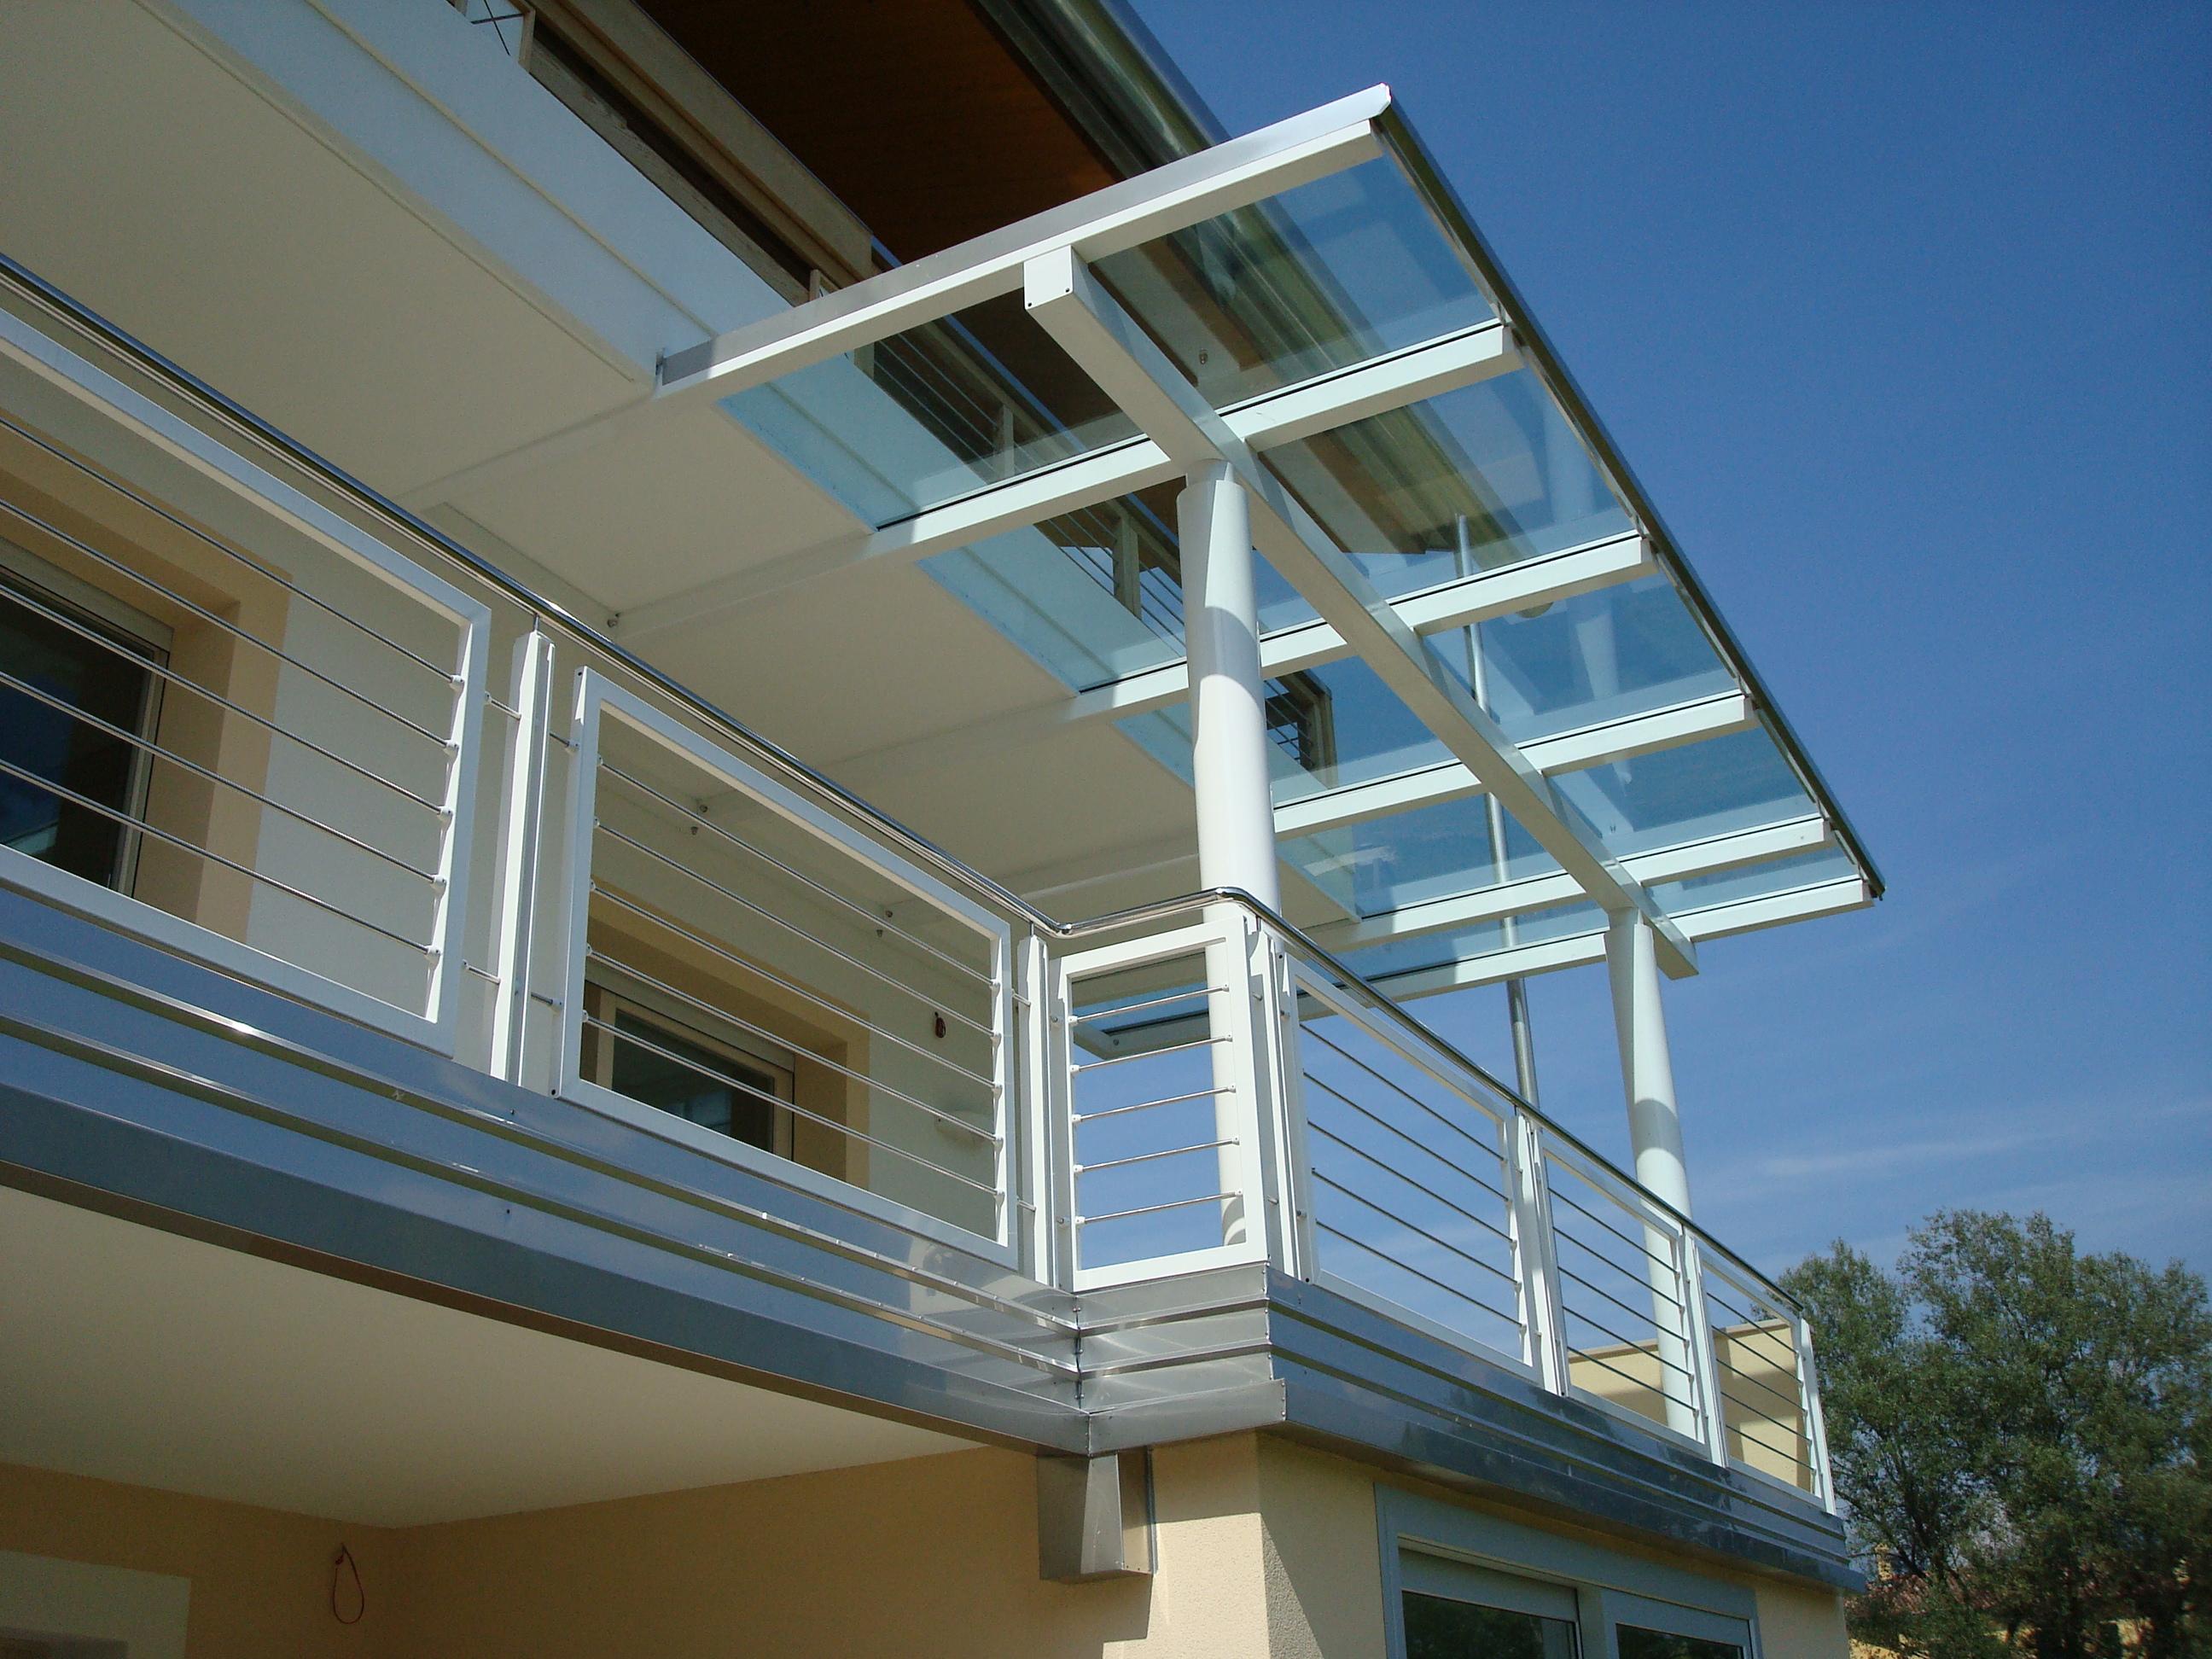 Pensilina in vetro e metallo - Ringhiera in acciaio verniciato e acciaio inox lucido